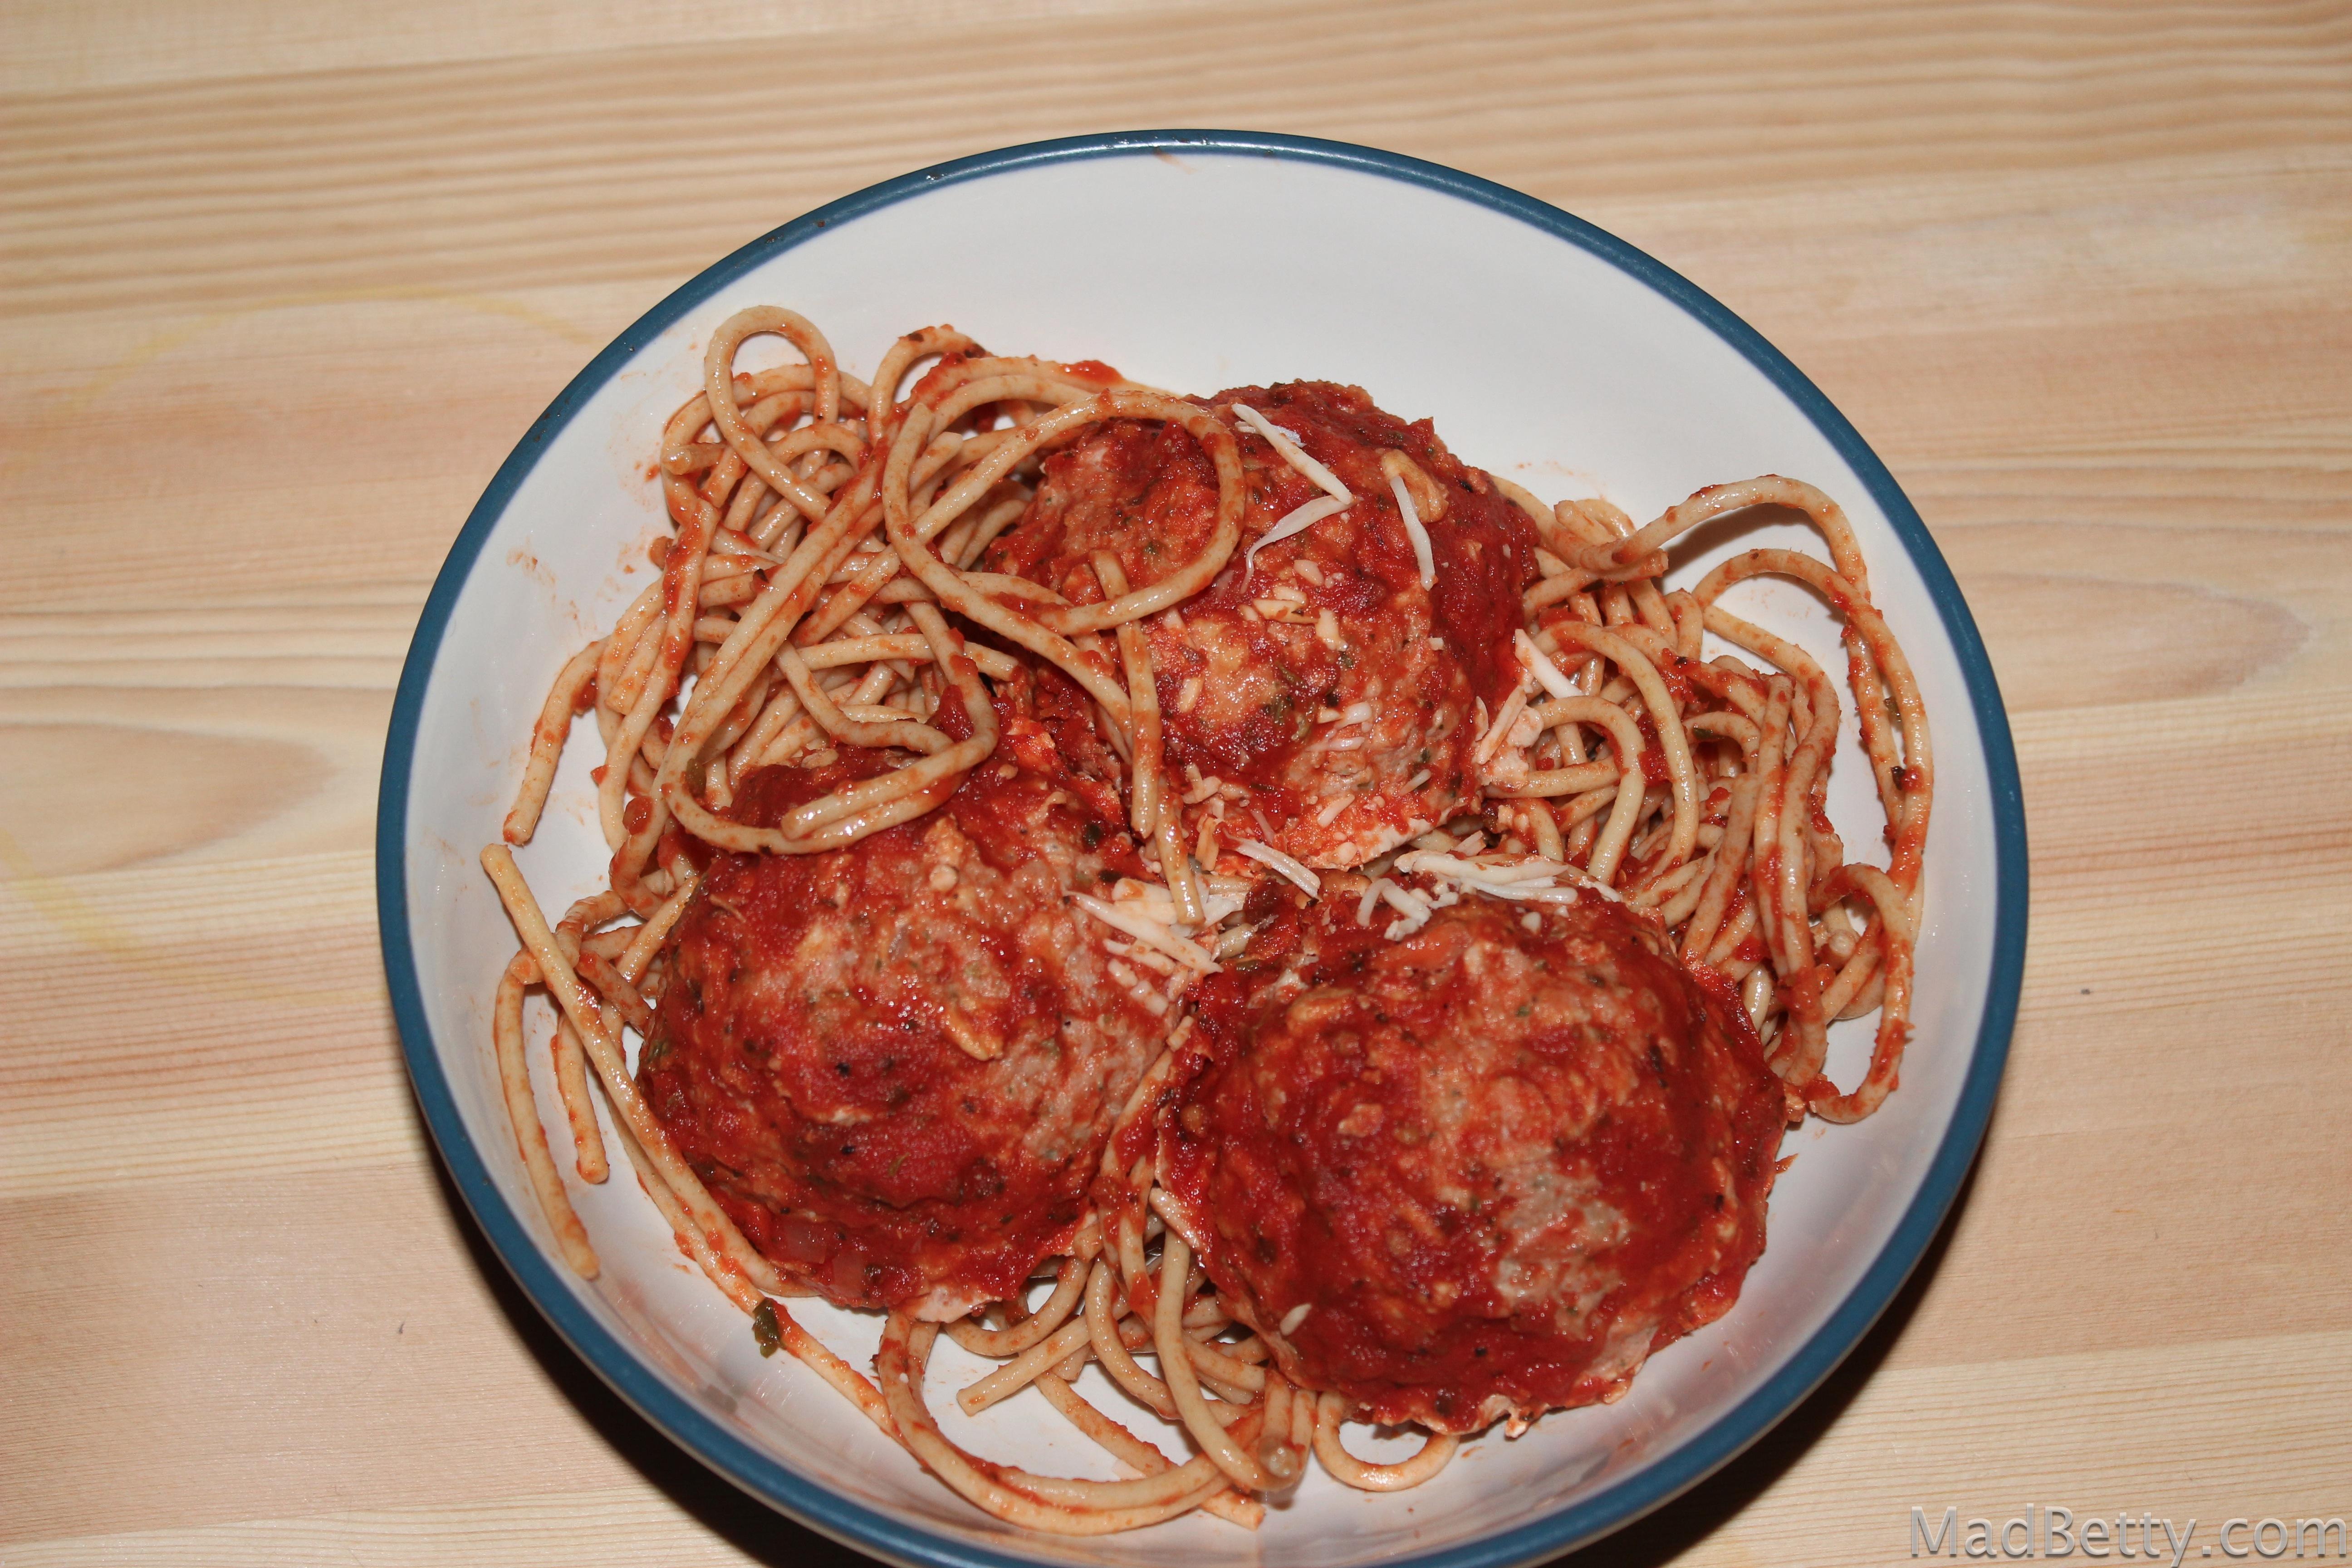 meatballs meatballs and spaghetti spaghetti and meatballs spaghetti ...